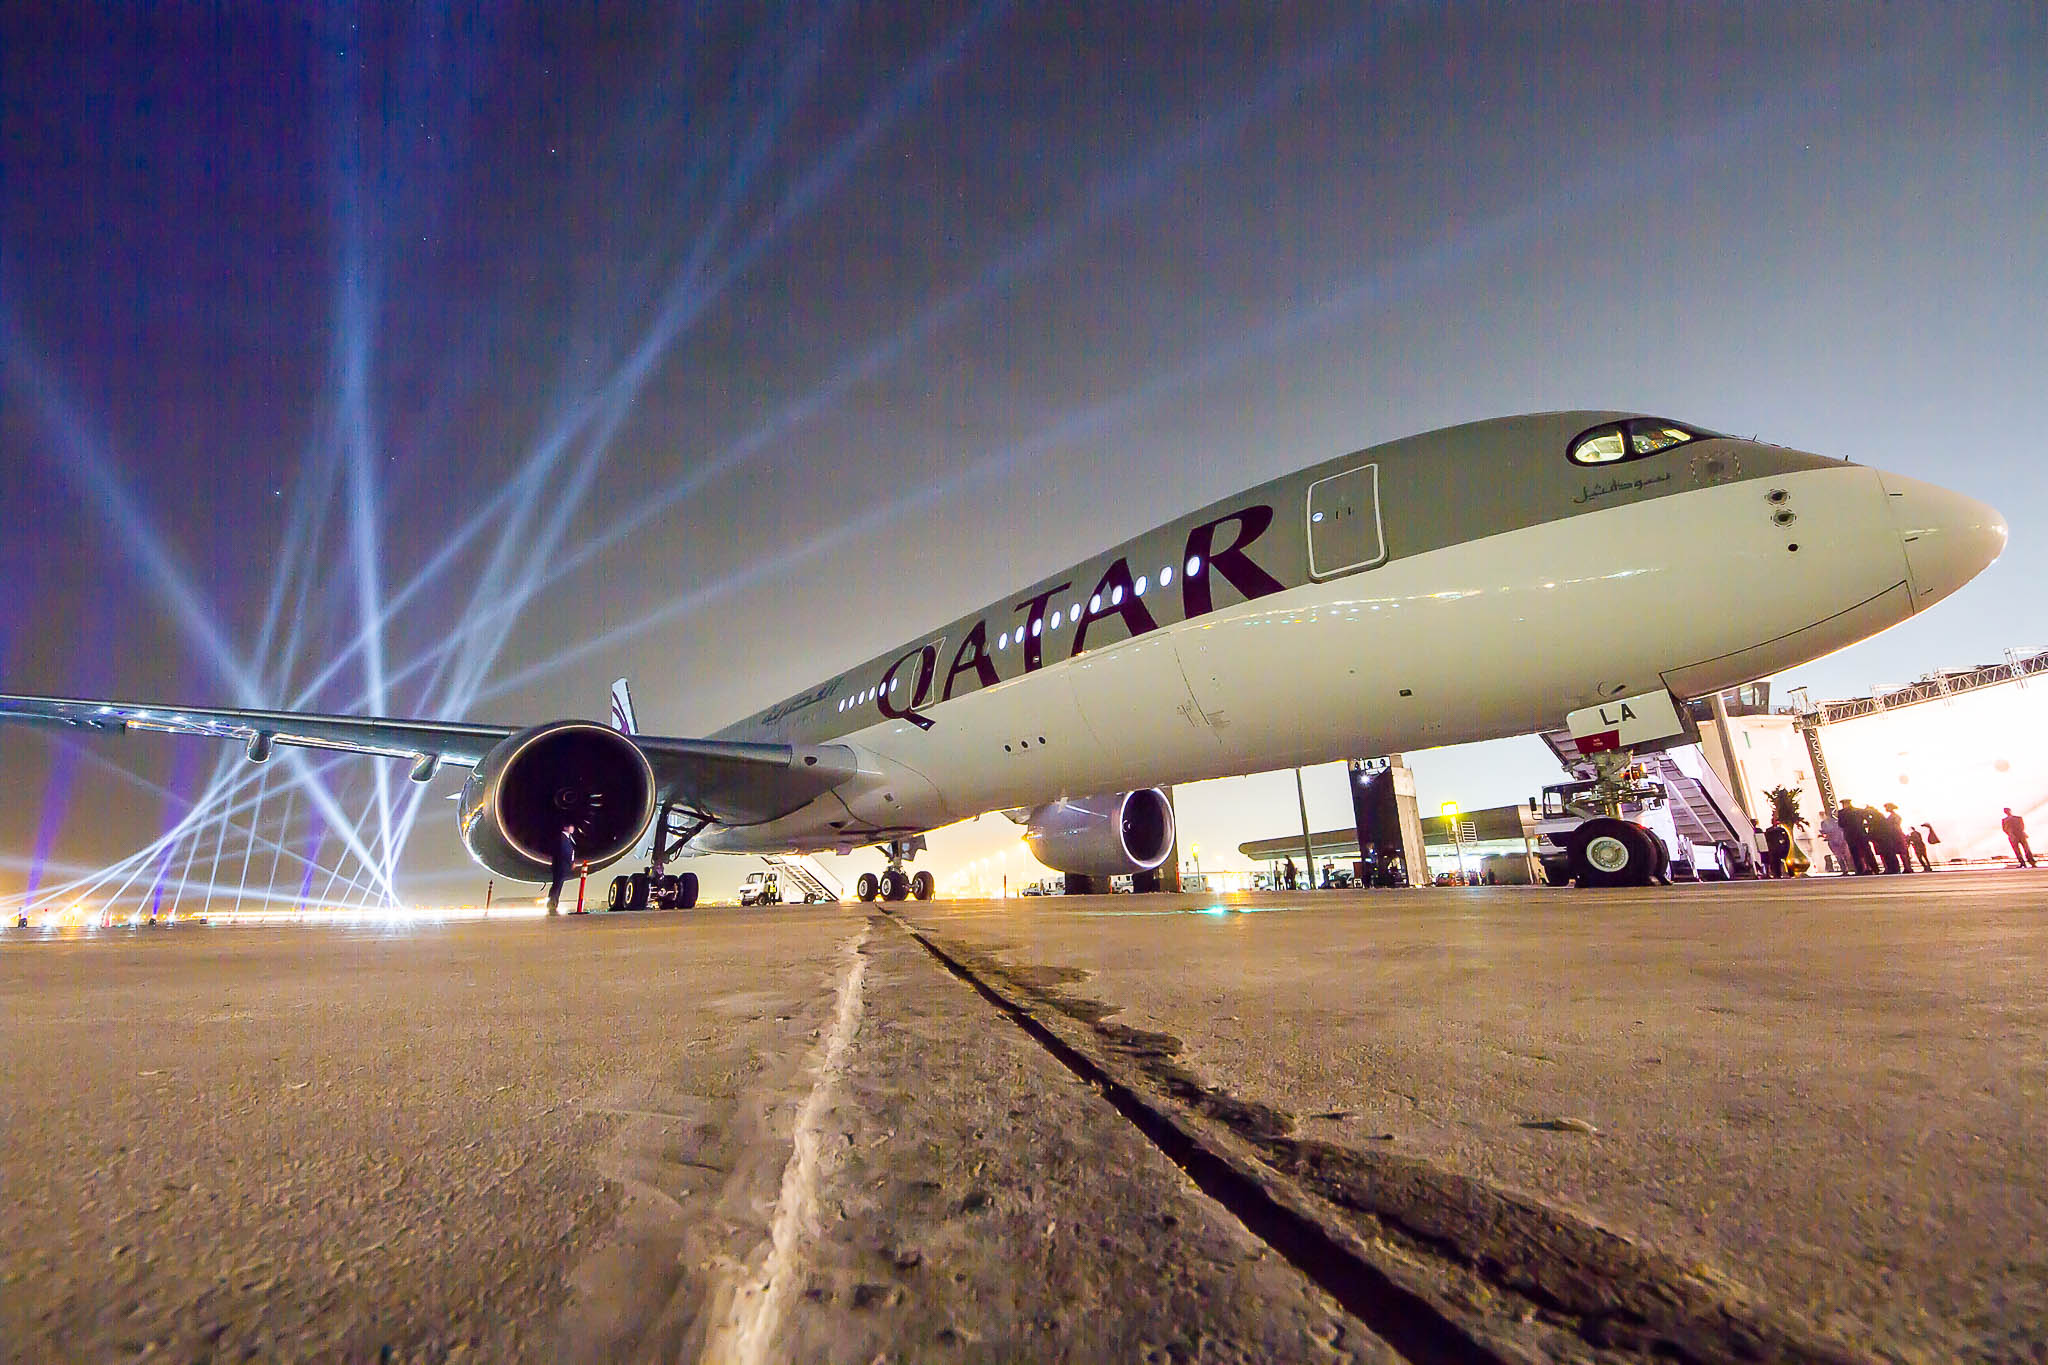 Qatar Airways va opera mai multe curse pe ruta București – Doha și retur, începând din 2 iunie 2016